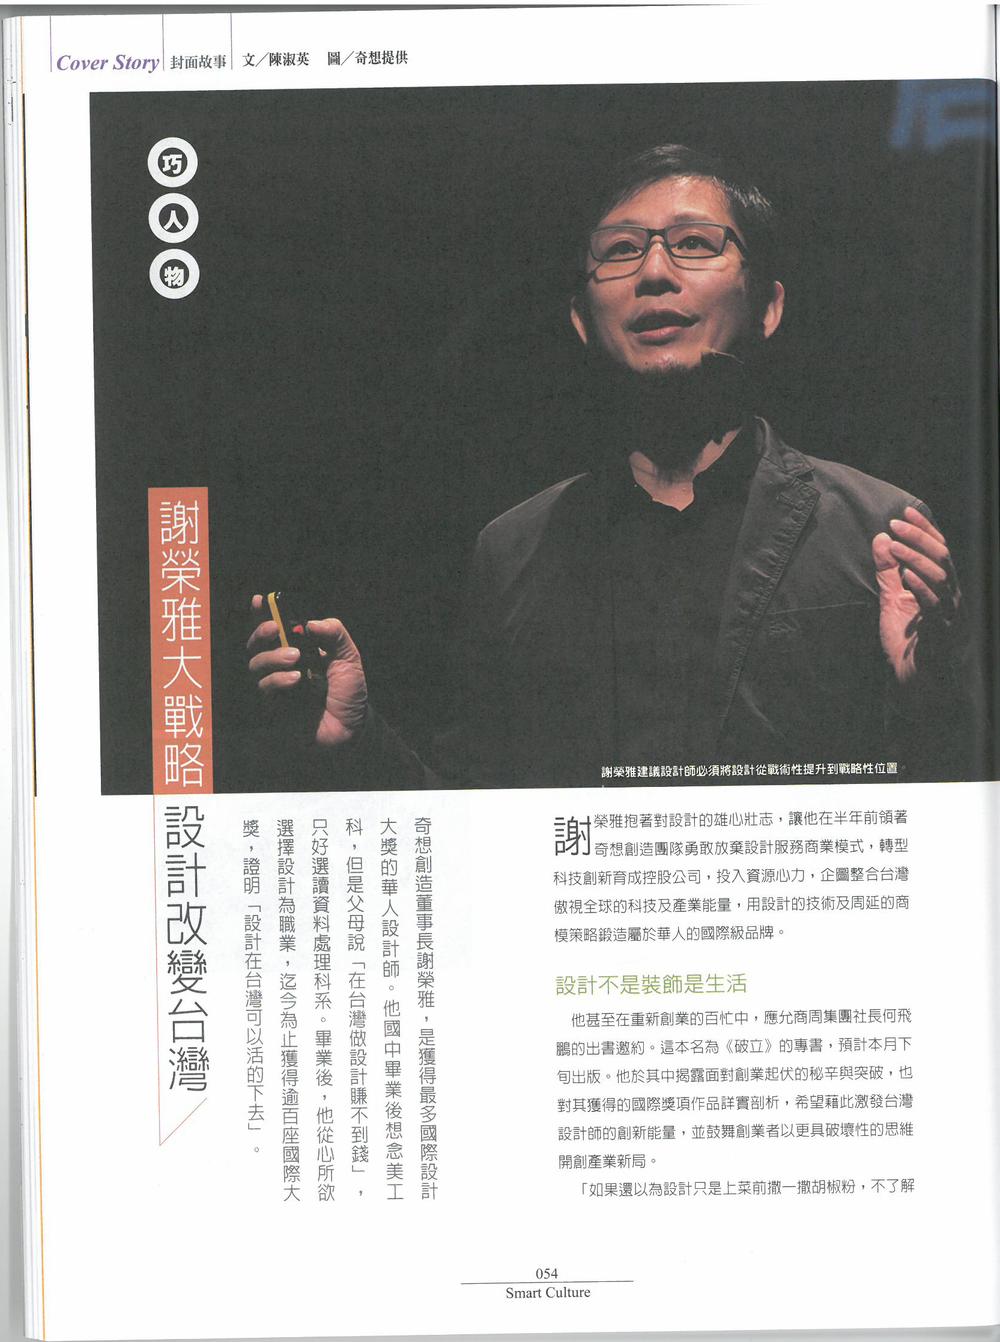 謝榮雅大戰略 設計改變台灣_兩岸文創誌SmartCulture_2015年1月號-2.jpg